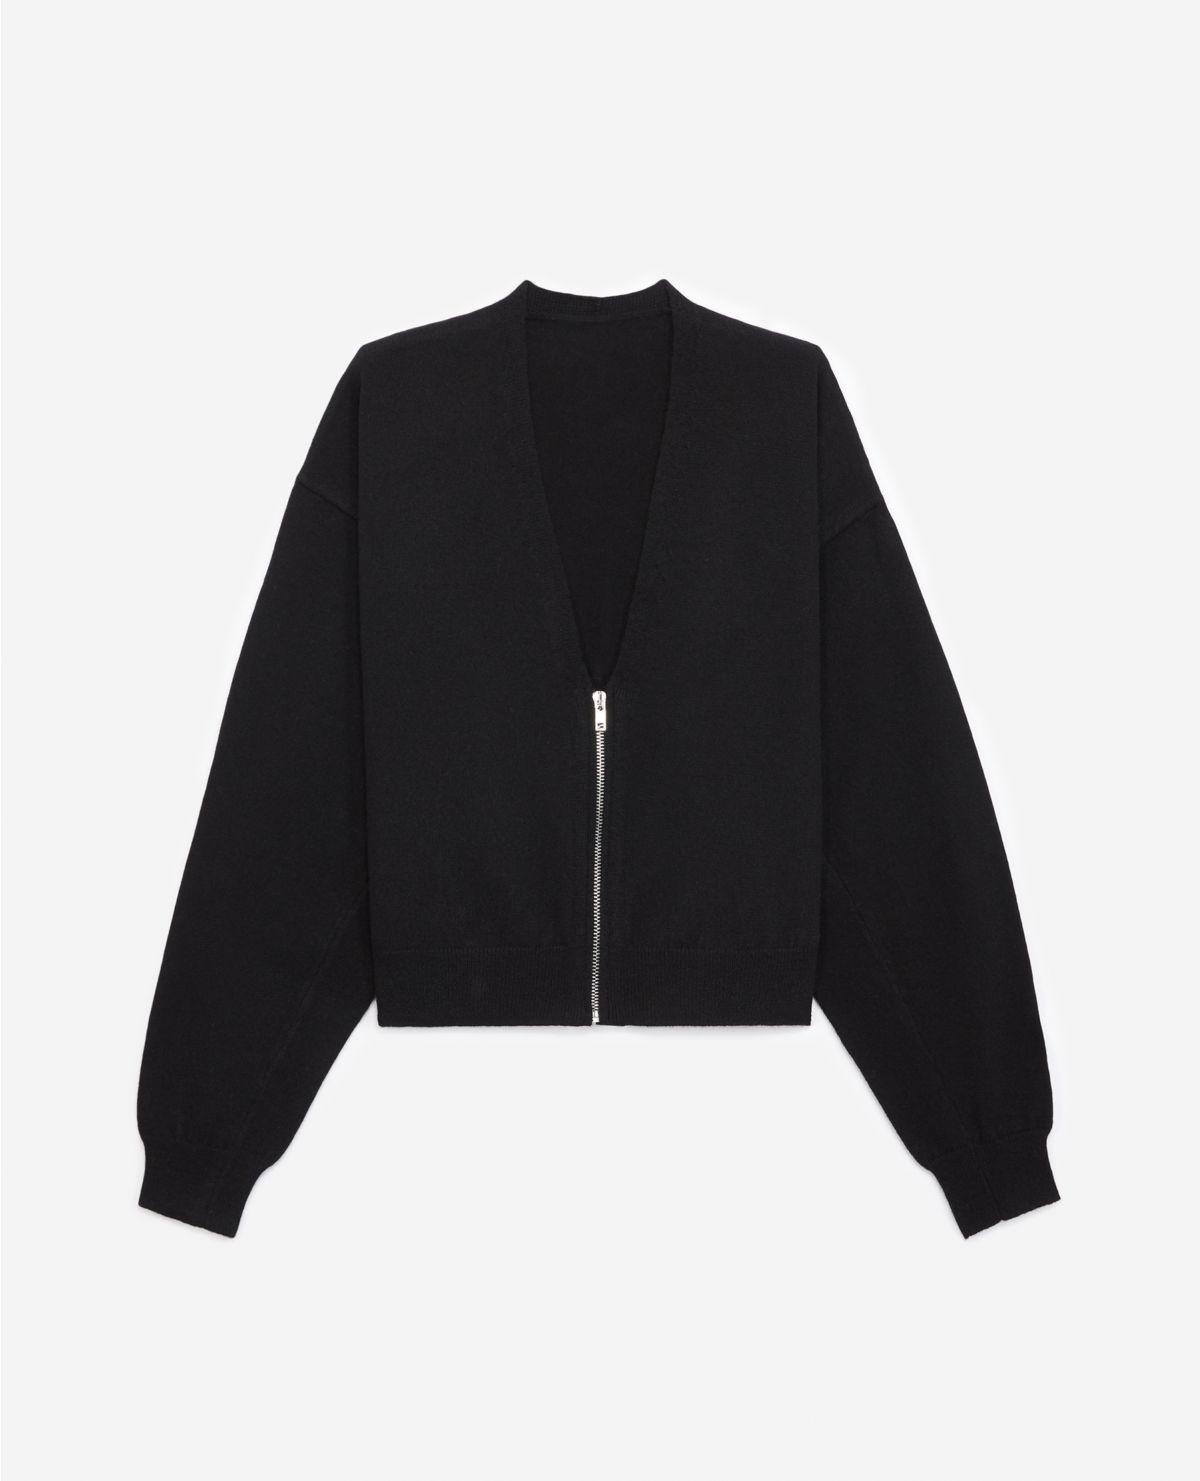 THE KOOPLES  cardigan noir zippé à manches amples-3